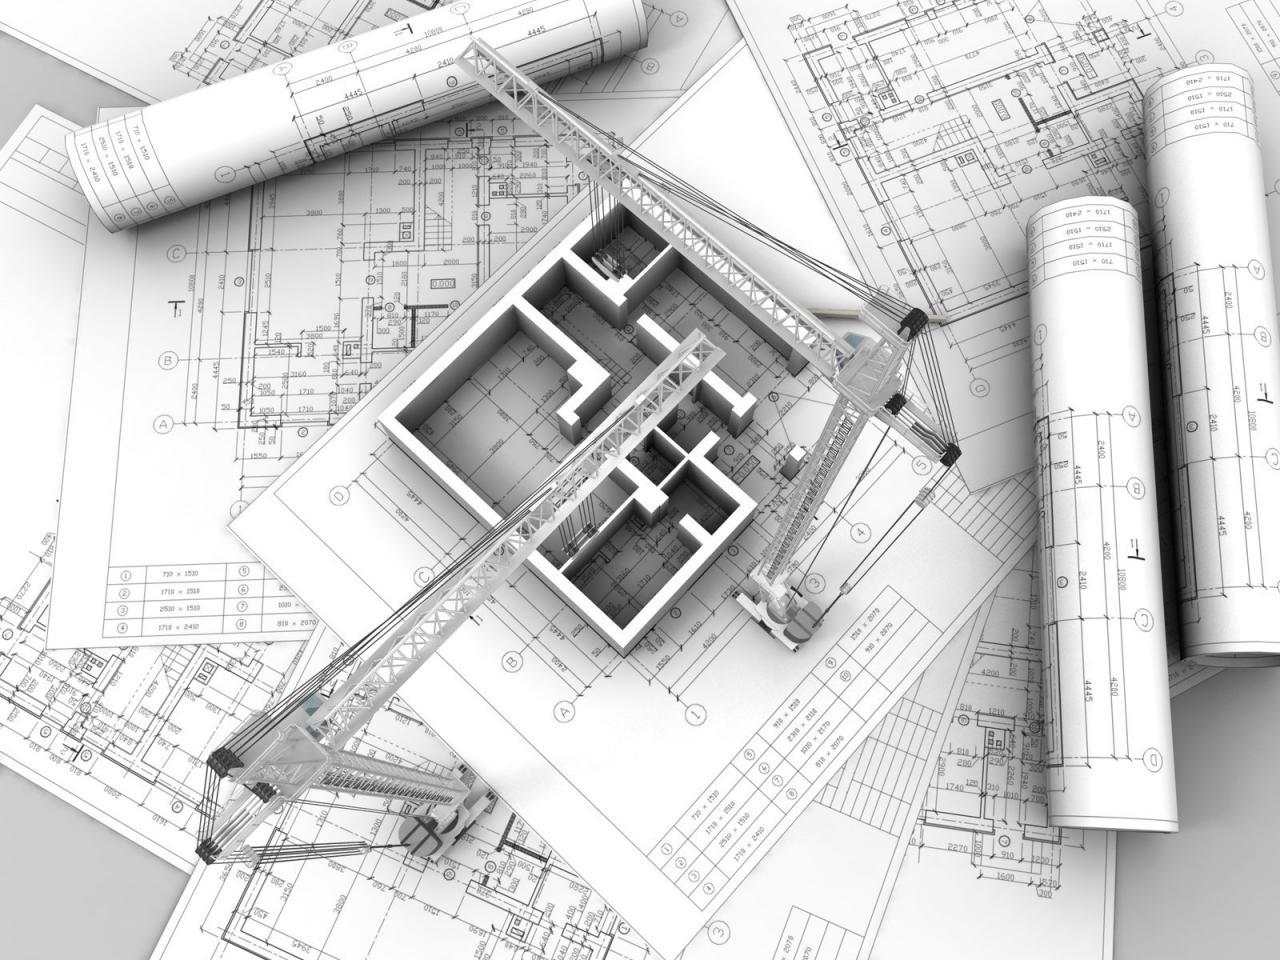 Sudah Siap Merencanakan Desain Rumah? Berikut 75 Istilah Arsitektur yang Perlu Dipahami dalam Desain Rumah